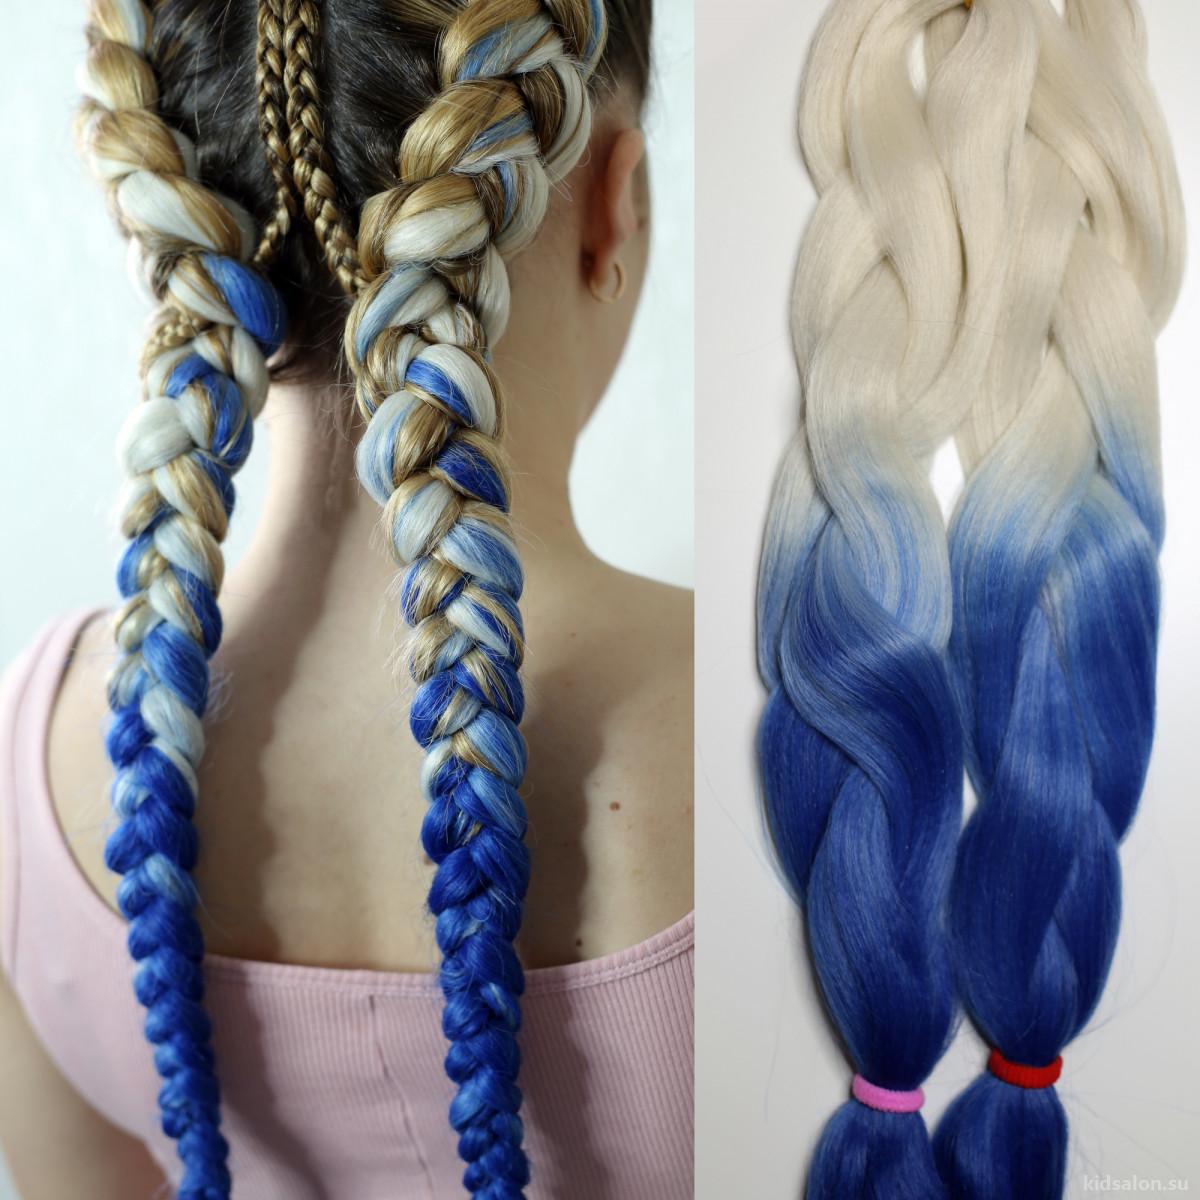 Узелок завяжется, узелок развяжется: особенности плетения кос с канекалоном для детей